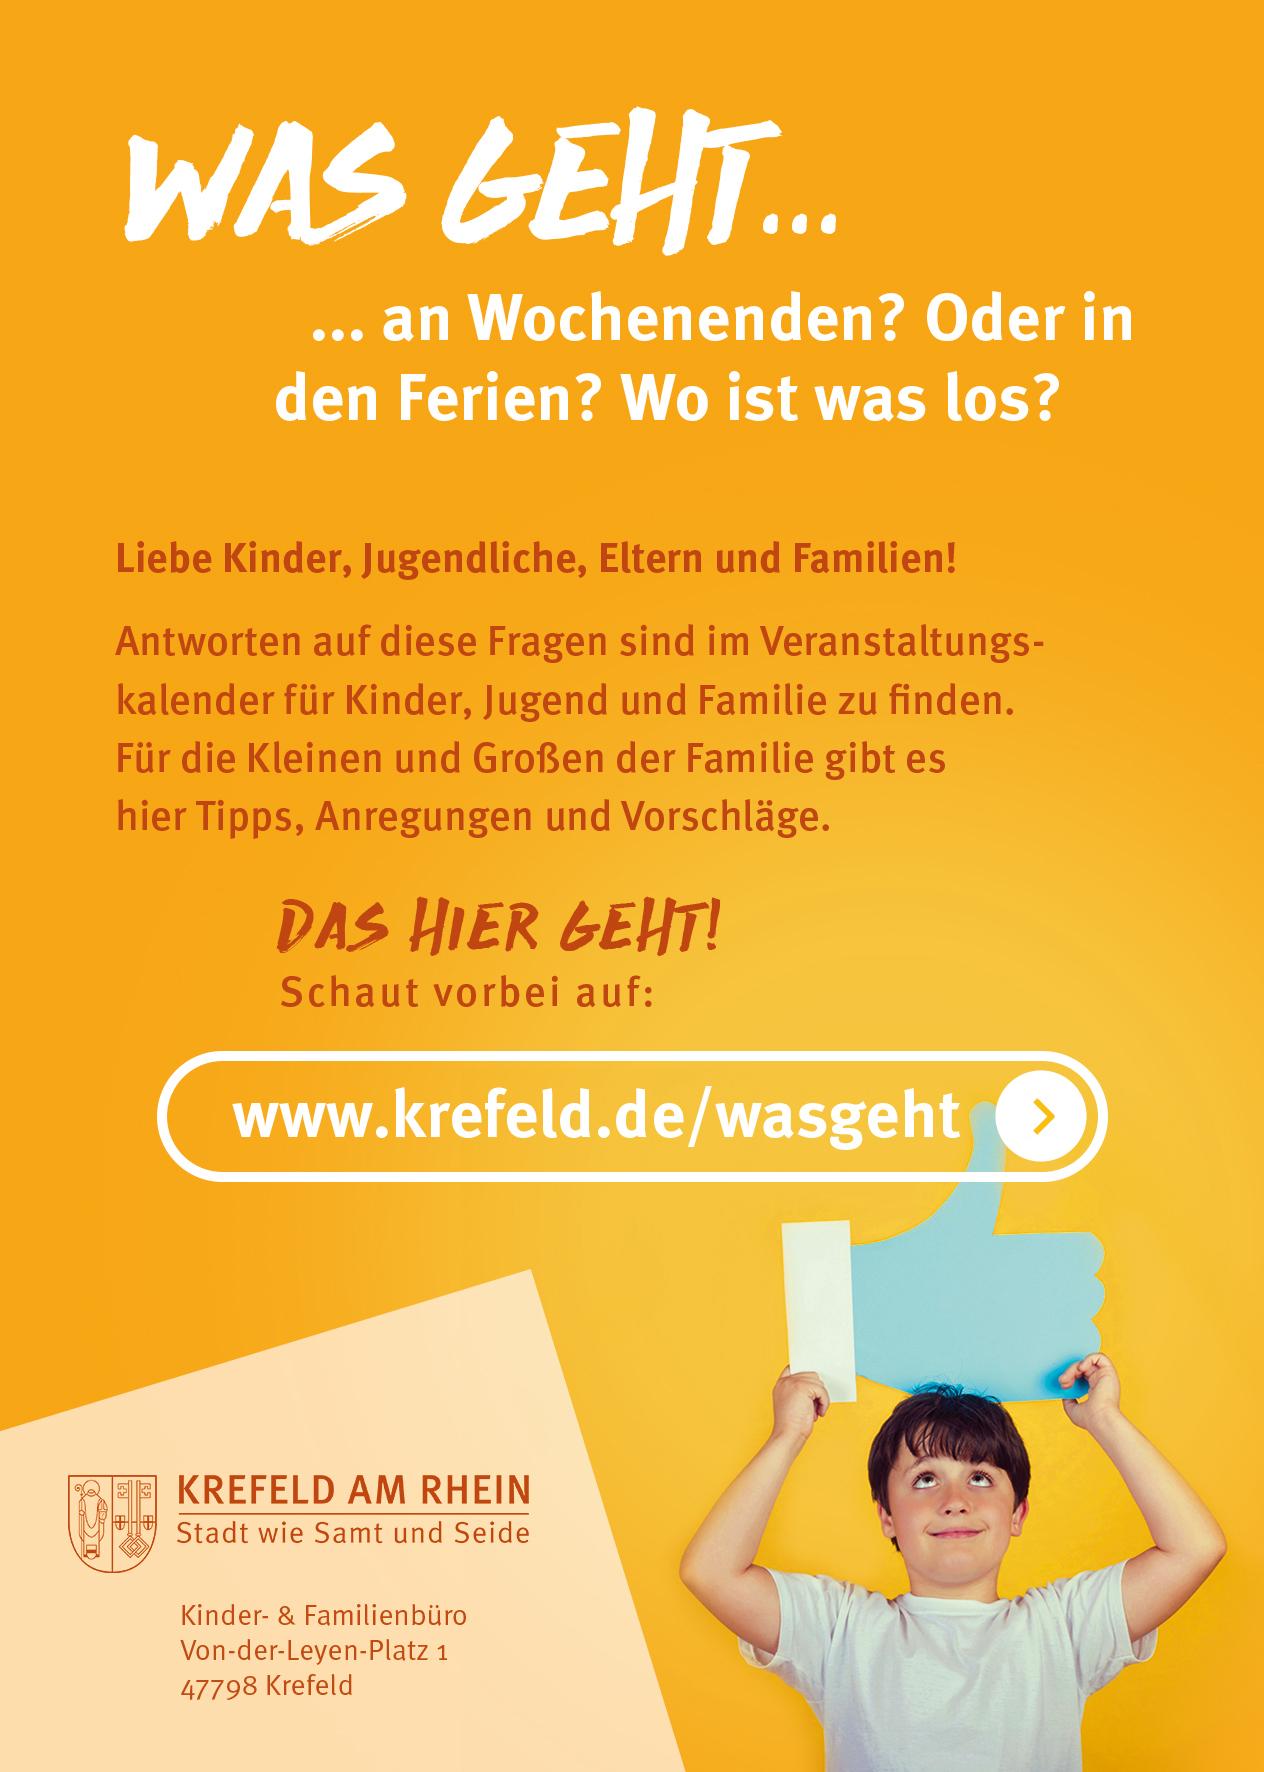 Veranstaltungskalender für Kinder, Jugend & Familie | Familienportal ...